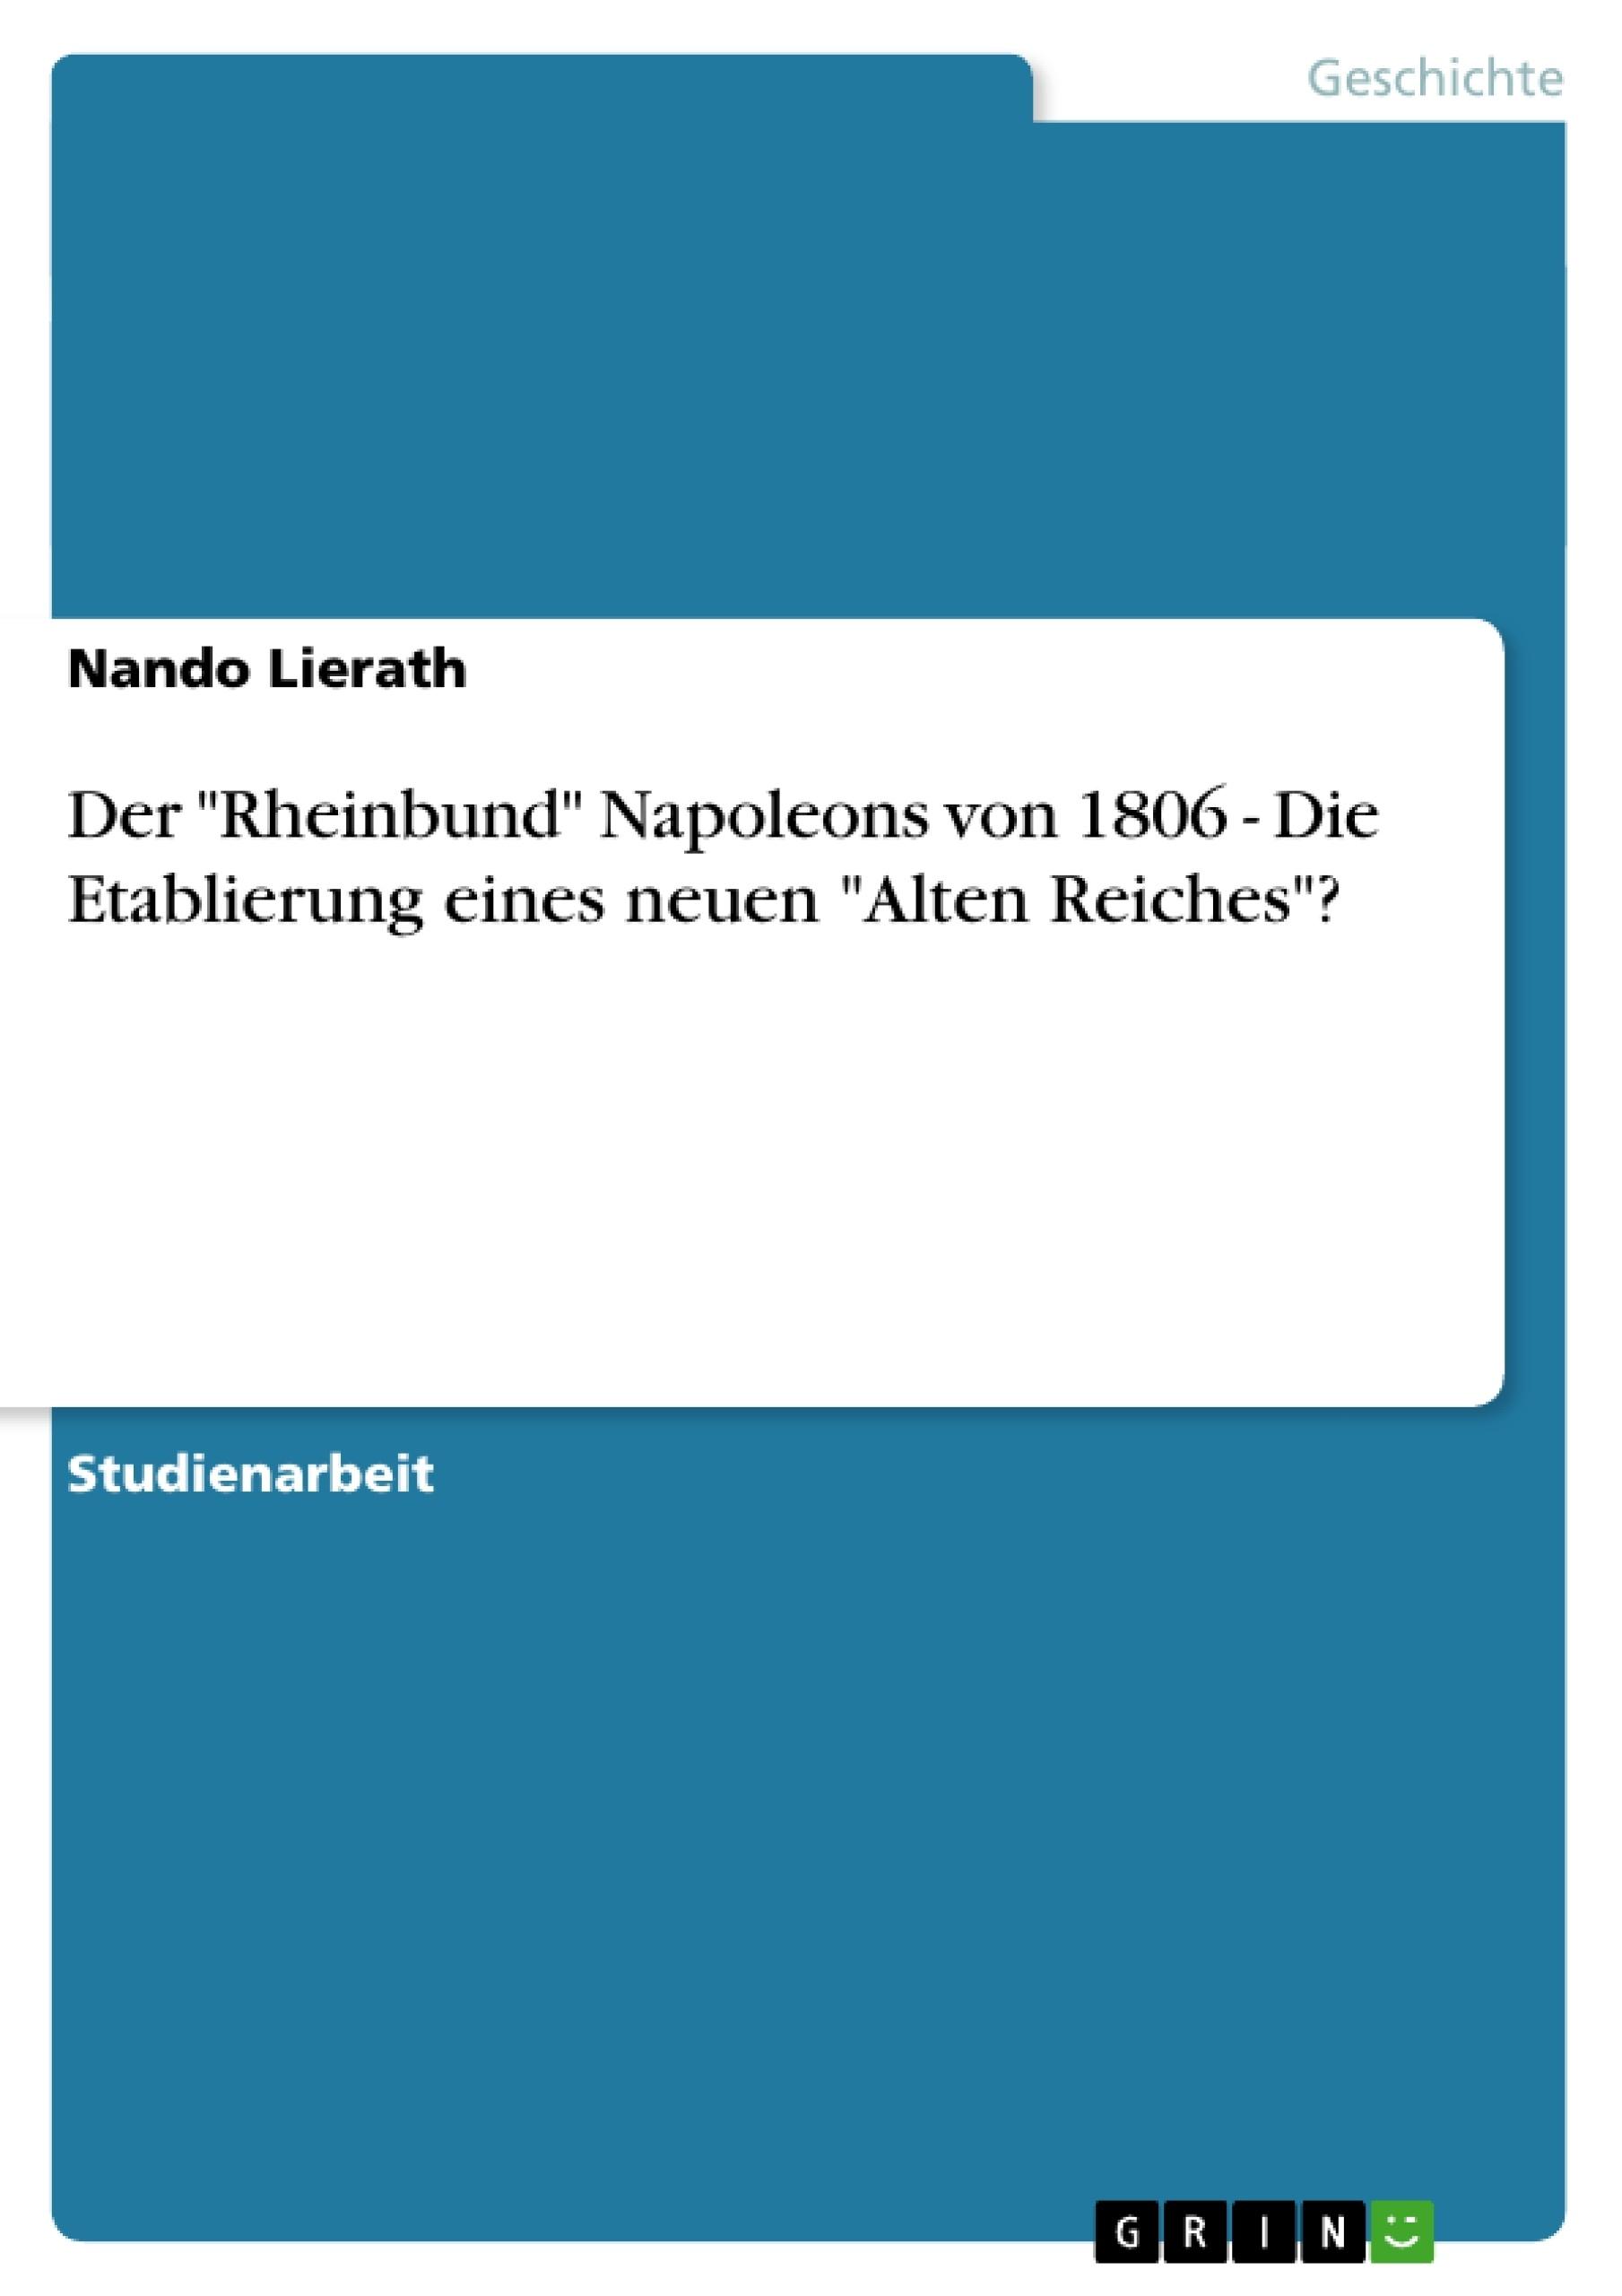 """Titel: Der """"Rheinbund"""" Napoleons von 1806 - Die Etablierung eines neuen """"Alten Reiches""""?"""